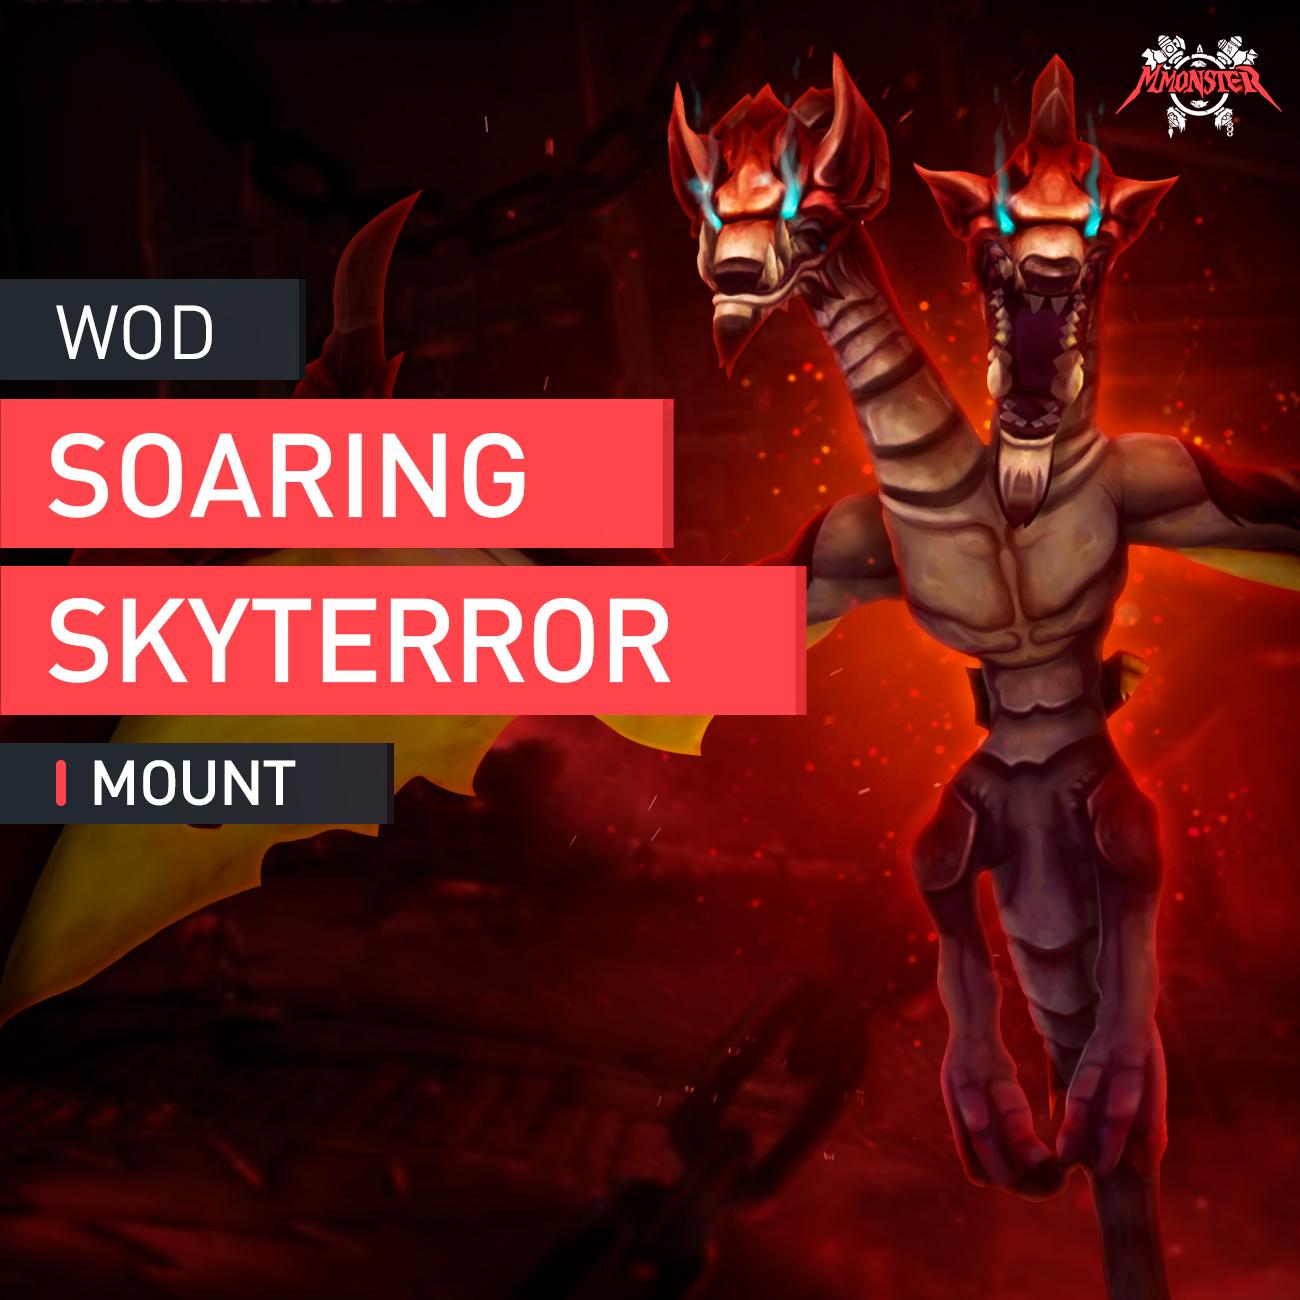 Soaring Skyterror